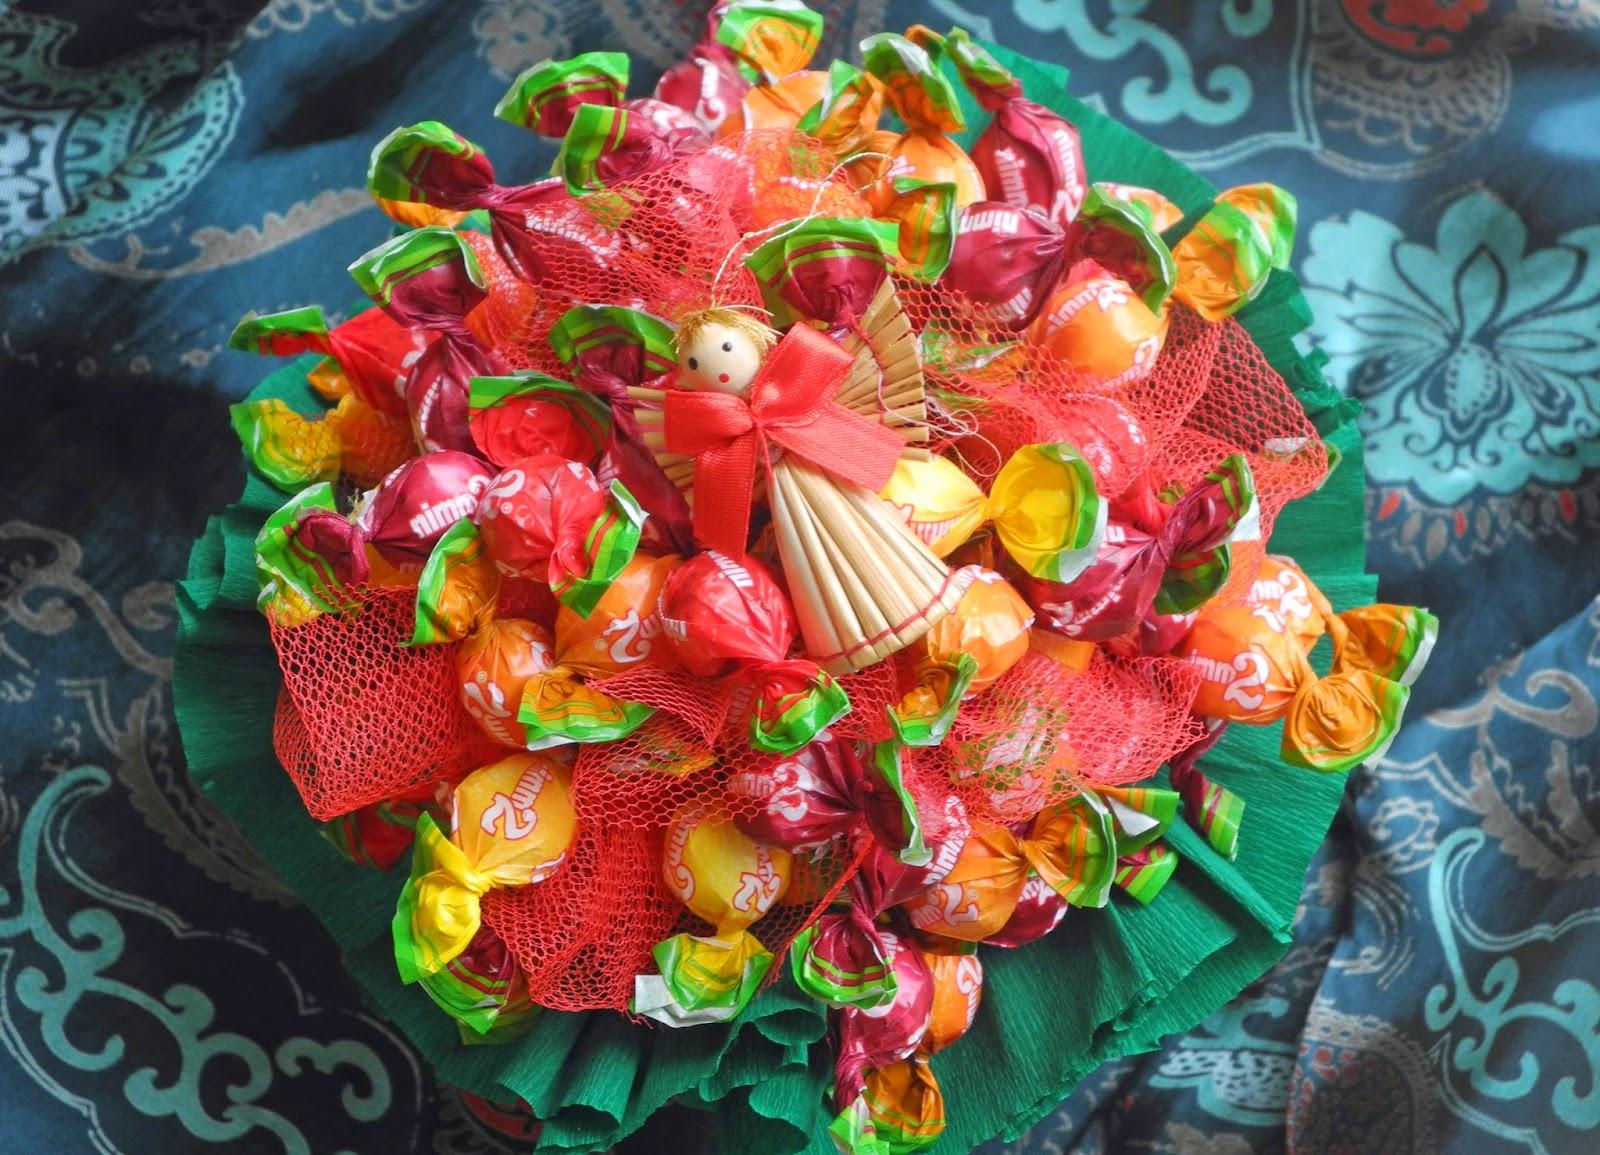 Süßigkeiten strauß selber machen